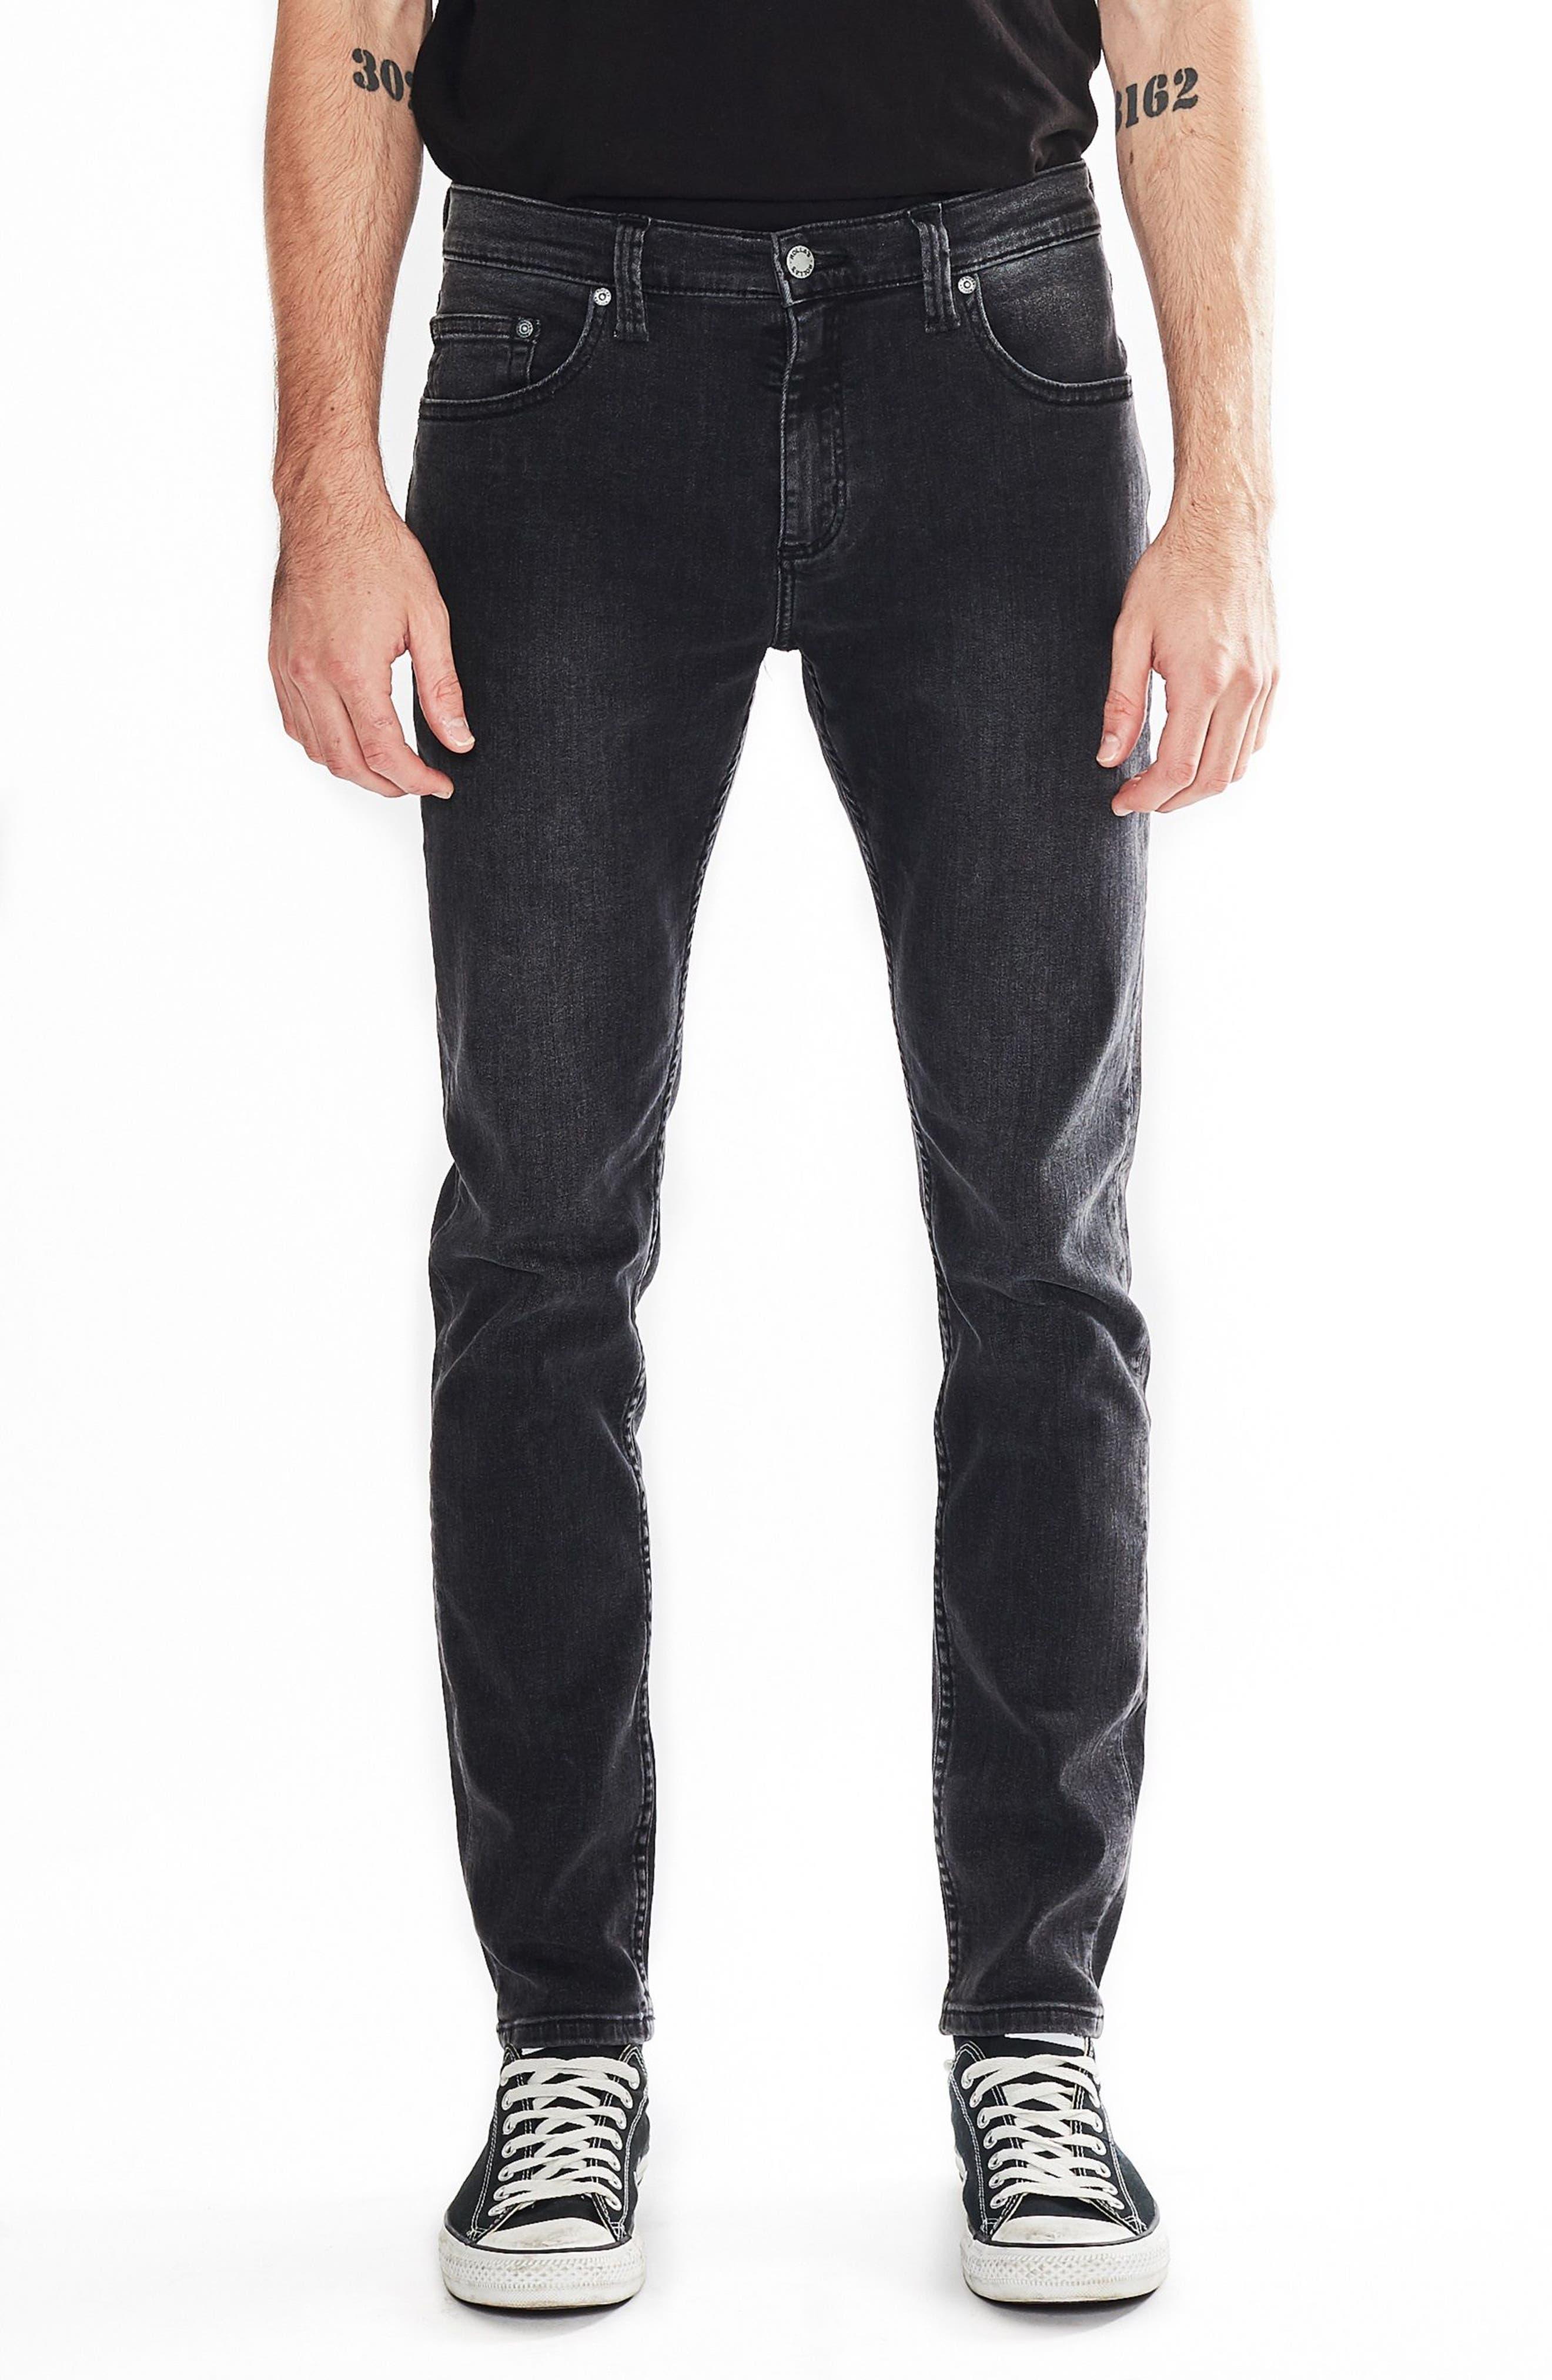 Stinger Skinny Fit Jeans,                         Main,                         color, Old Gold